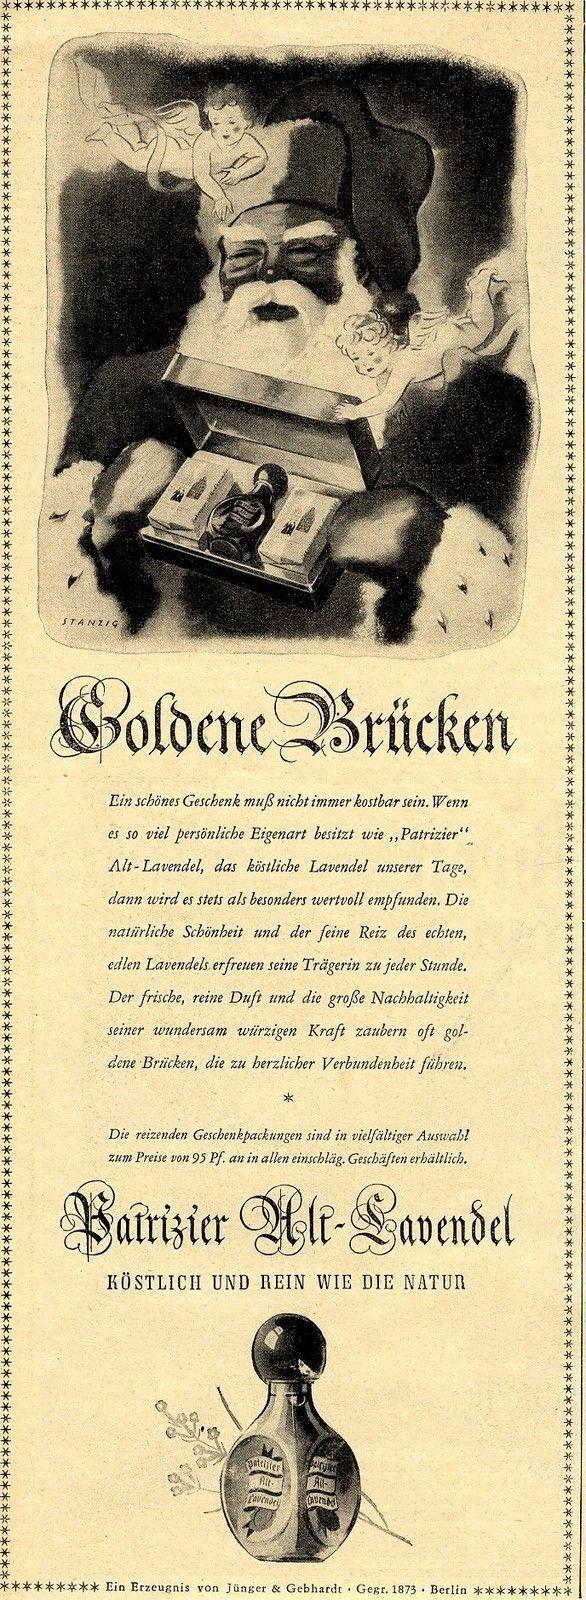 Jünger & Gebhardt Berlin PATRIZIER ALT LAVENDEL Historische Reklame von 1938 | eBay